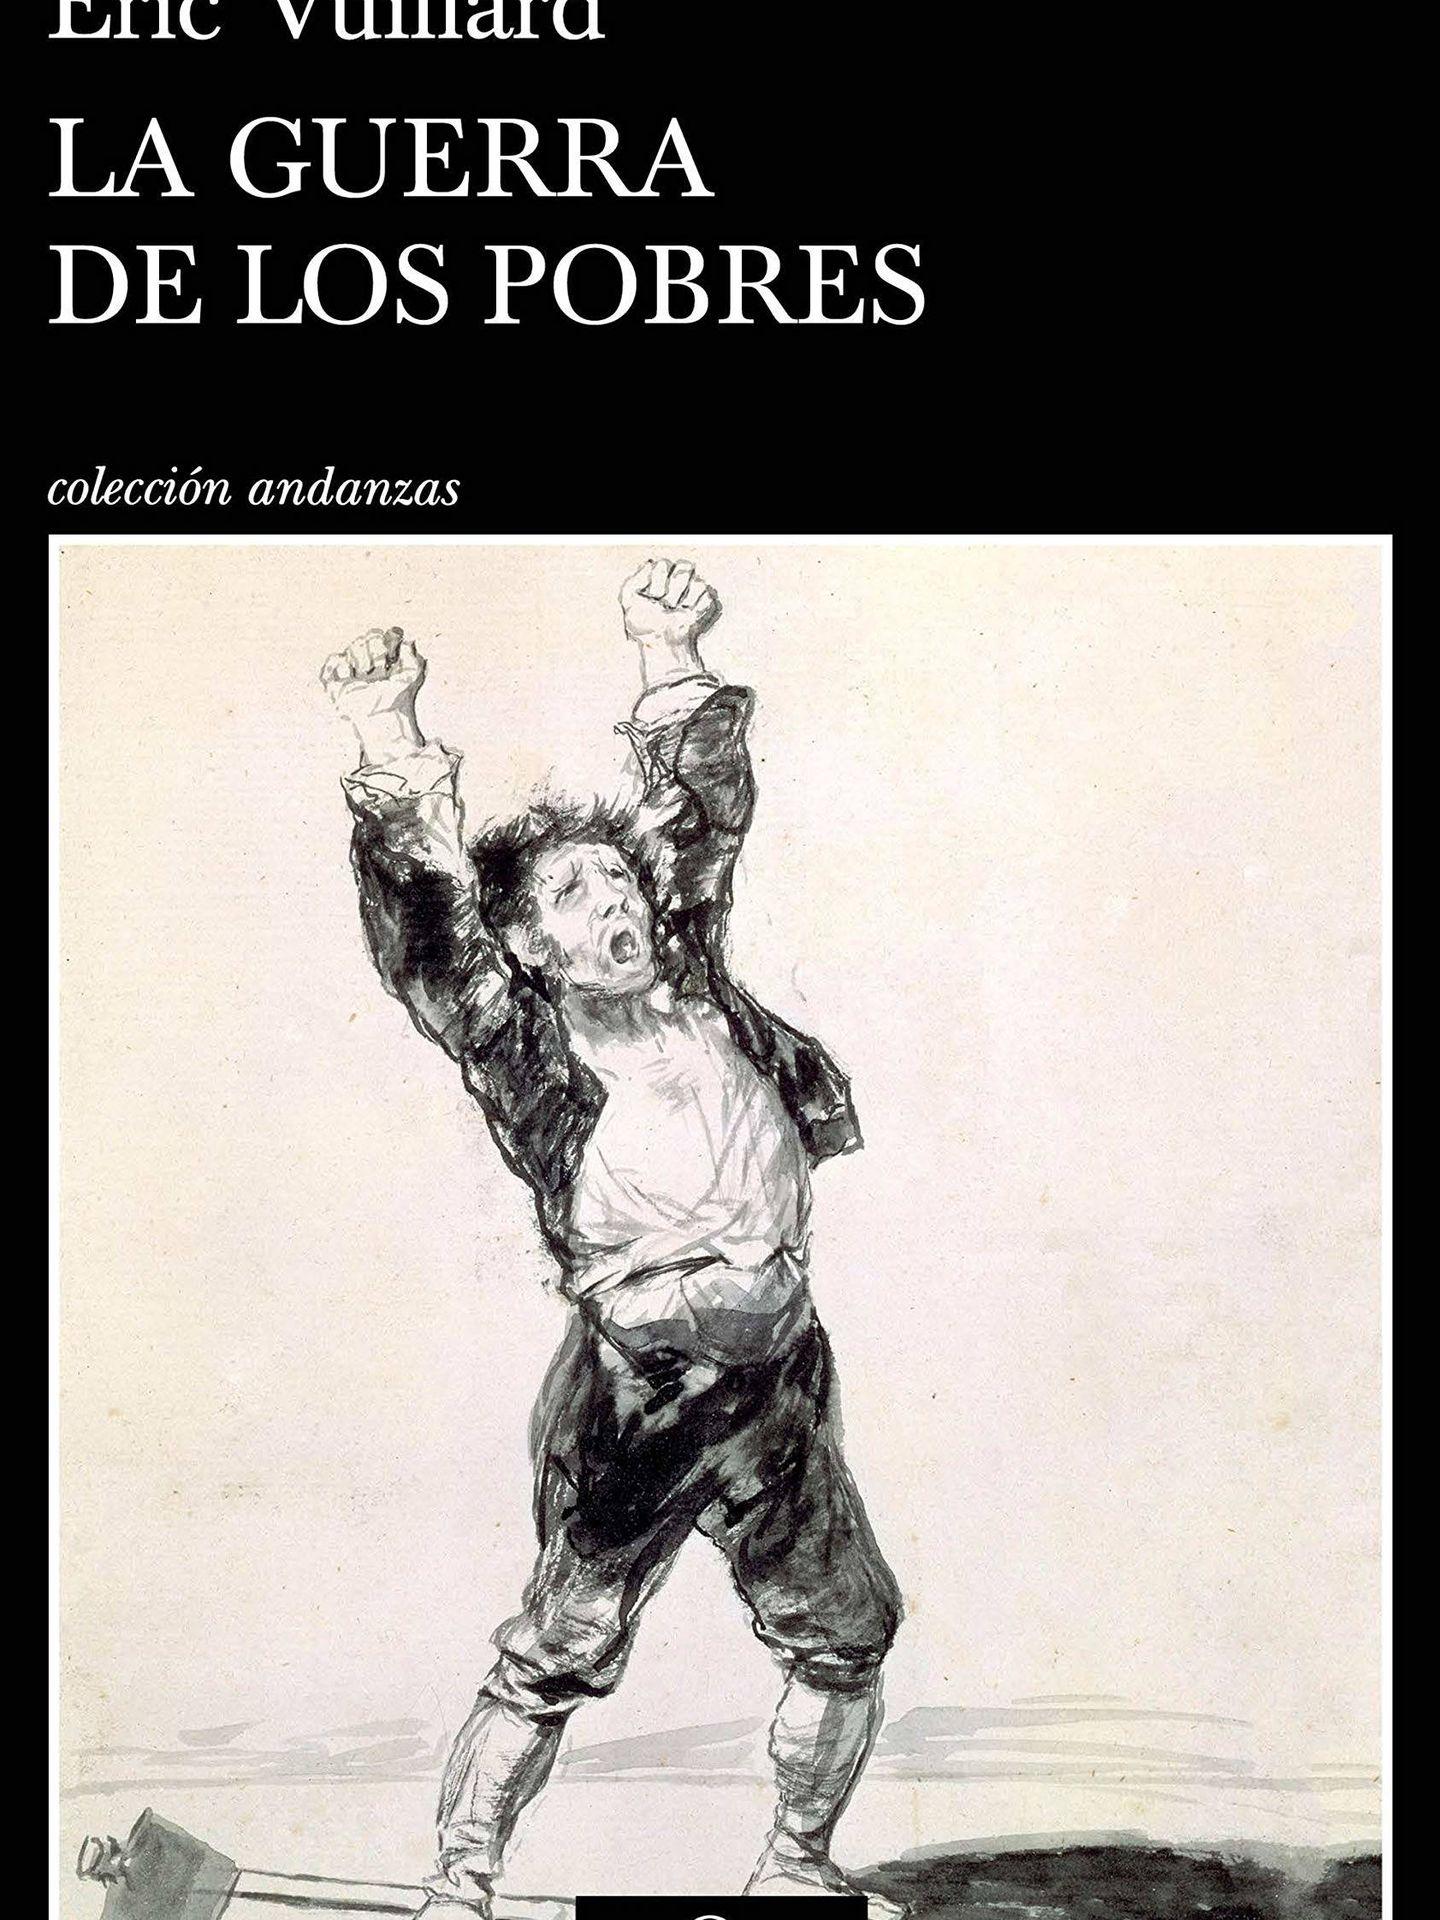 'La guerra de los pobres'.